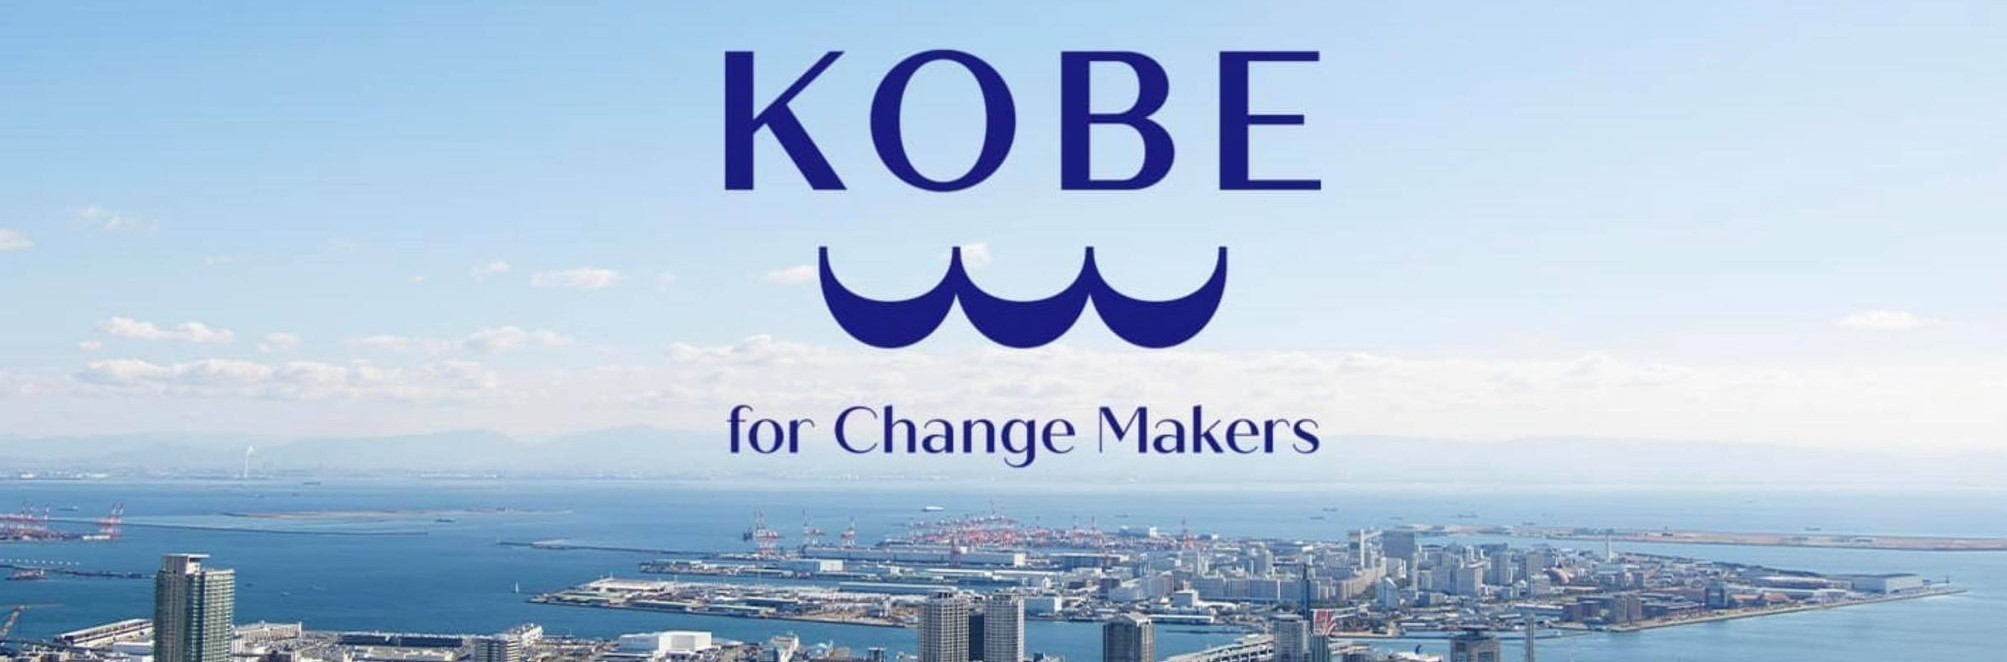 KOBE5-2947526_n